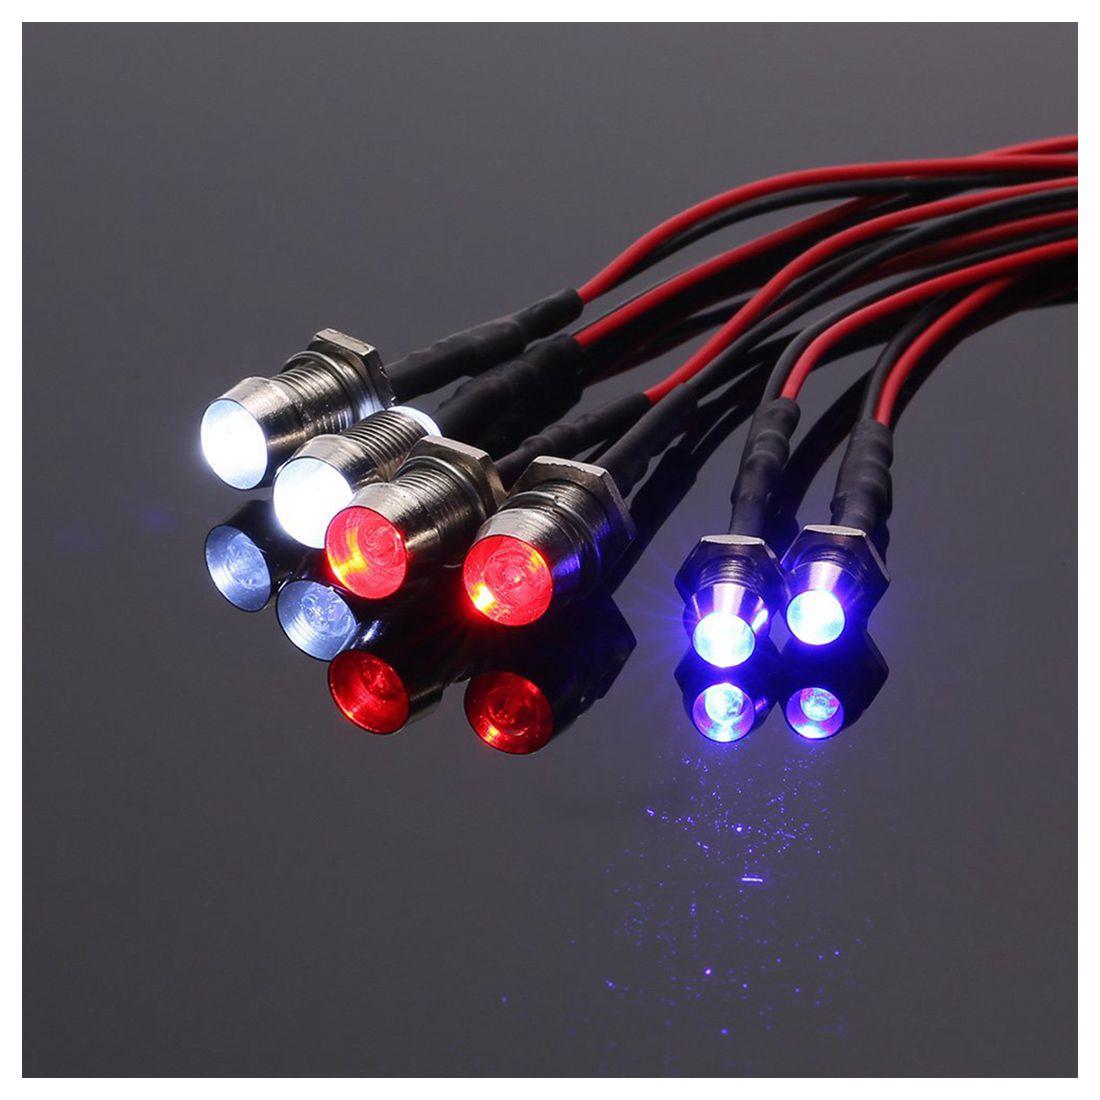 New 6 LED Light Kit 2 White 2 Red 2 Blue for 1/10 1/8 Traxxas HSP SCX10 D90 HPI RC Car